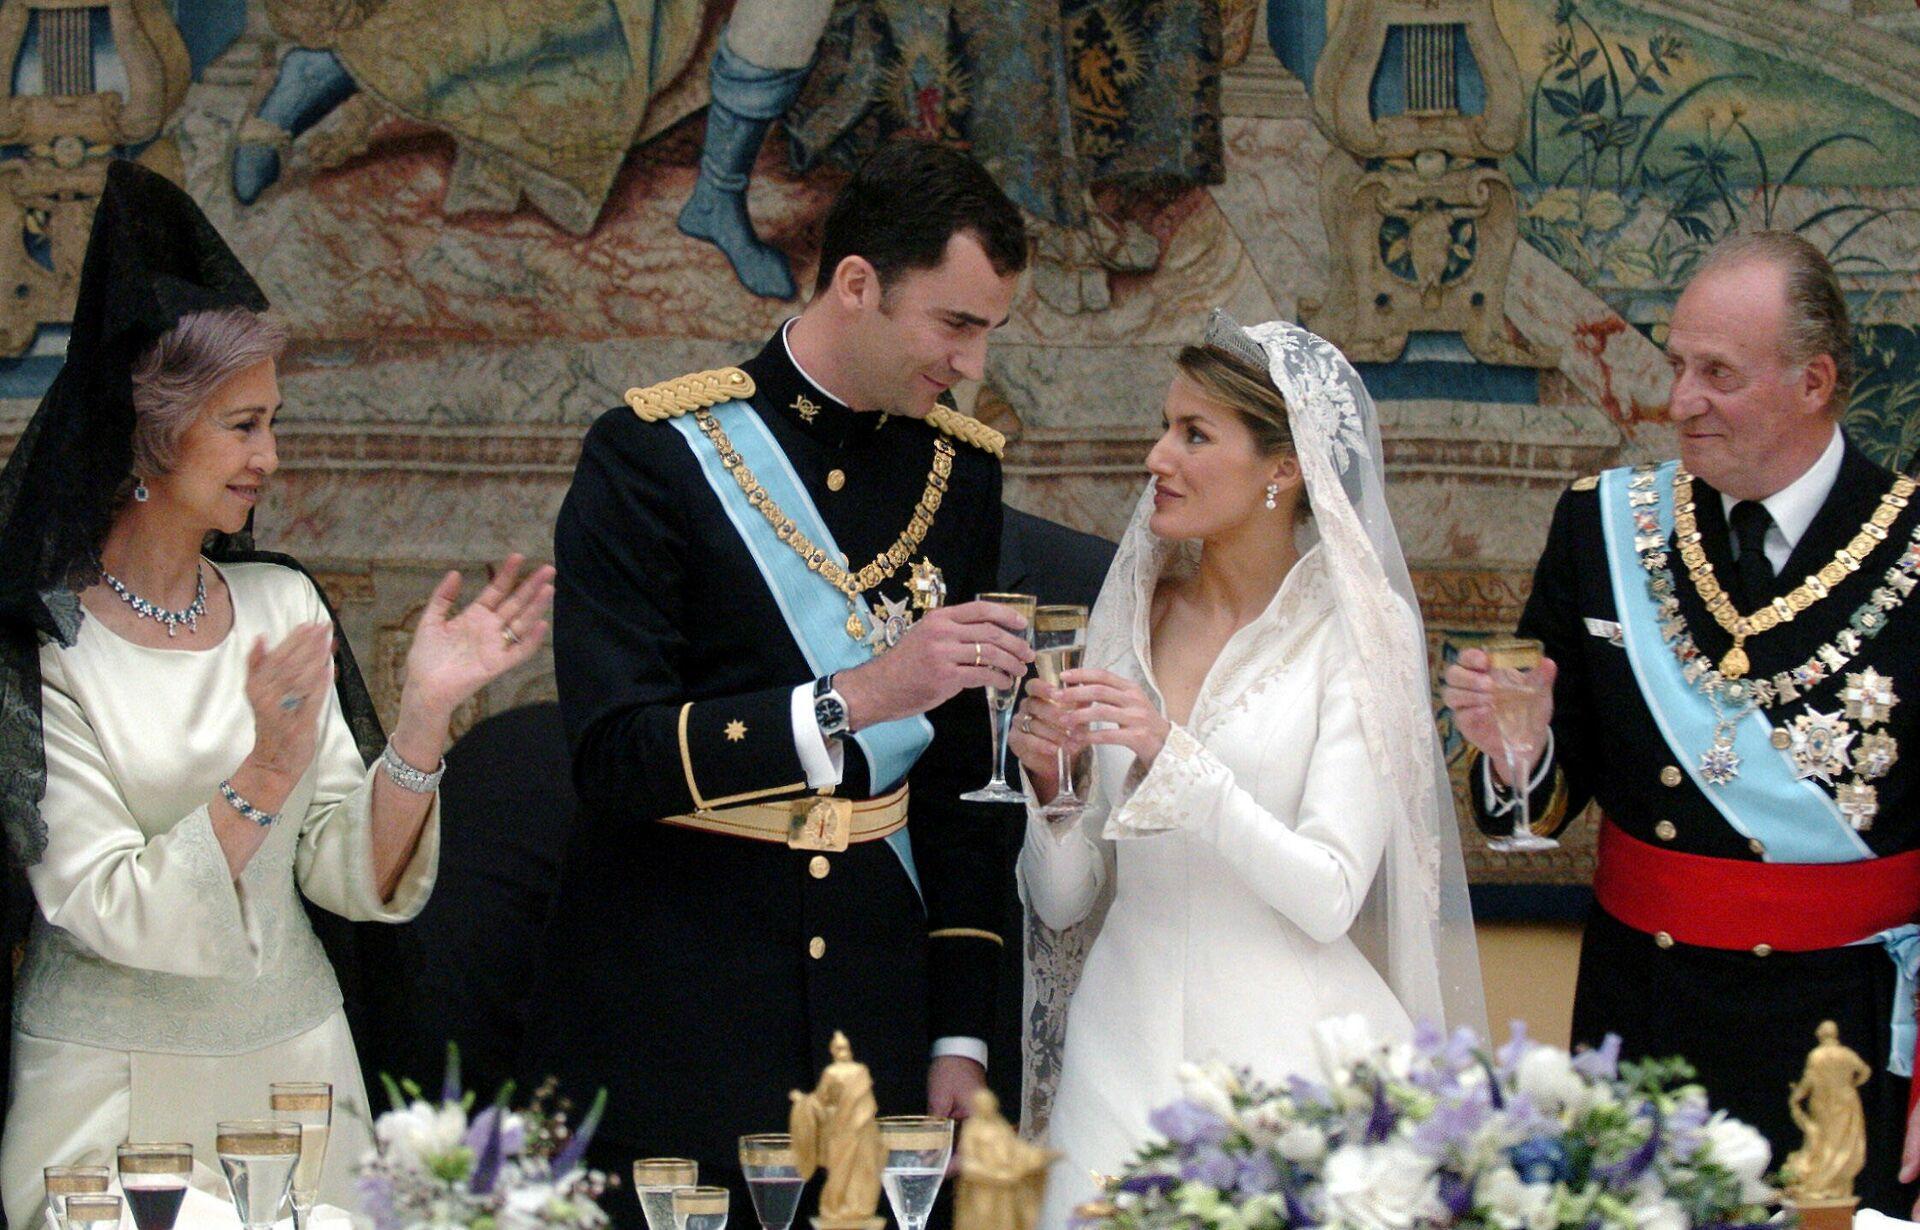 Recepción en el Palacio Real de Madrid tras la boda entre Felipe de Borbón y Letizia Ortiz - Sputnik Mundo, 1920, 15.09.2021